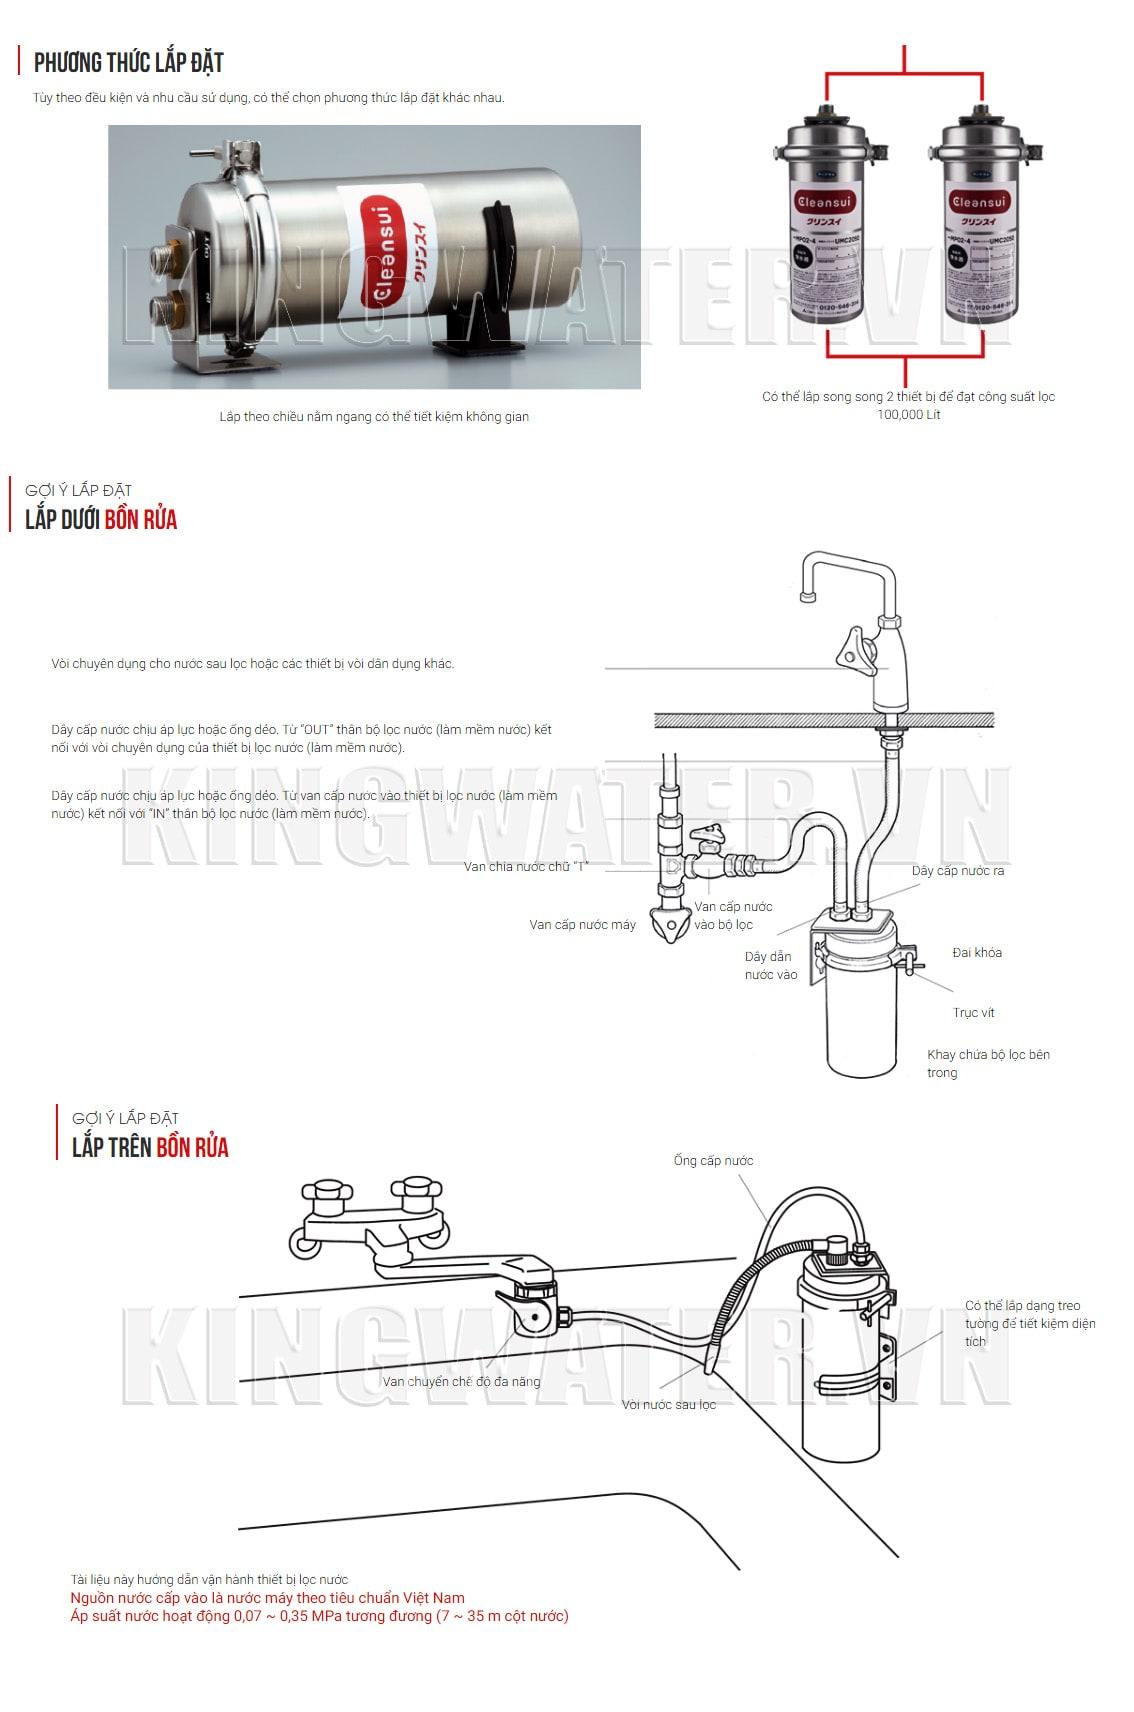 Phương thức lắp đặt máy Mitshubishi Cleansui MP02-4